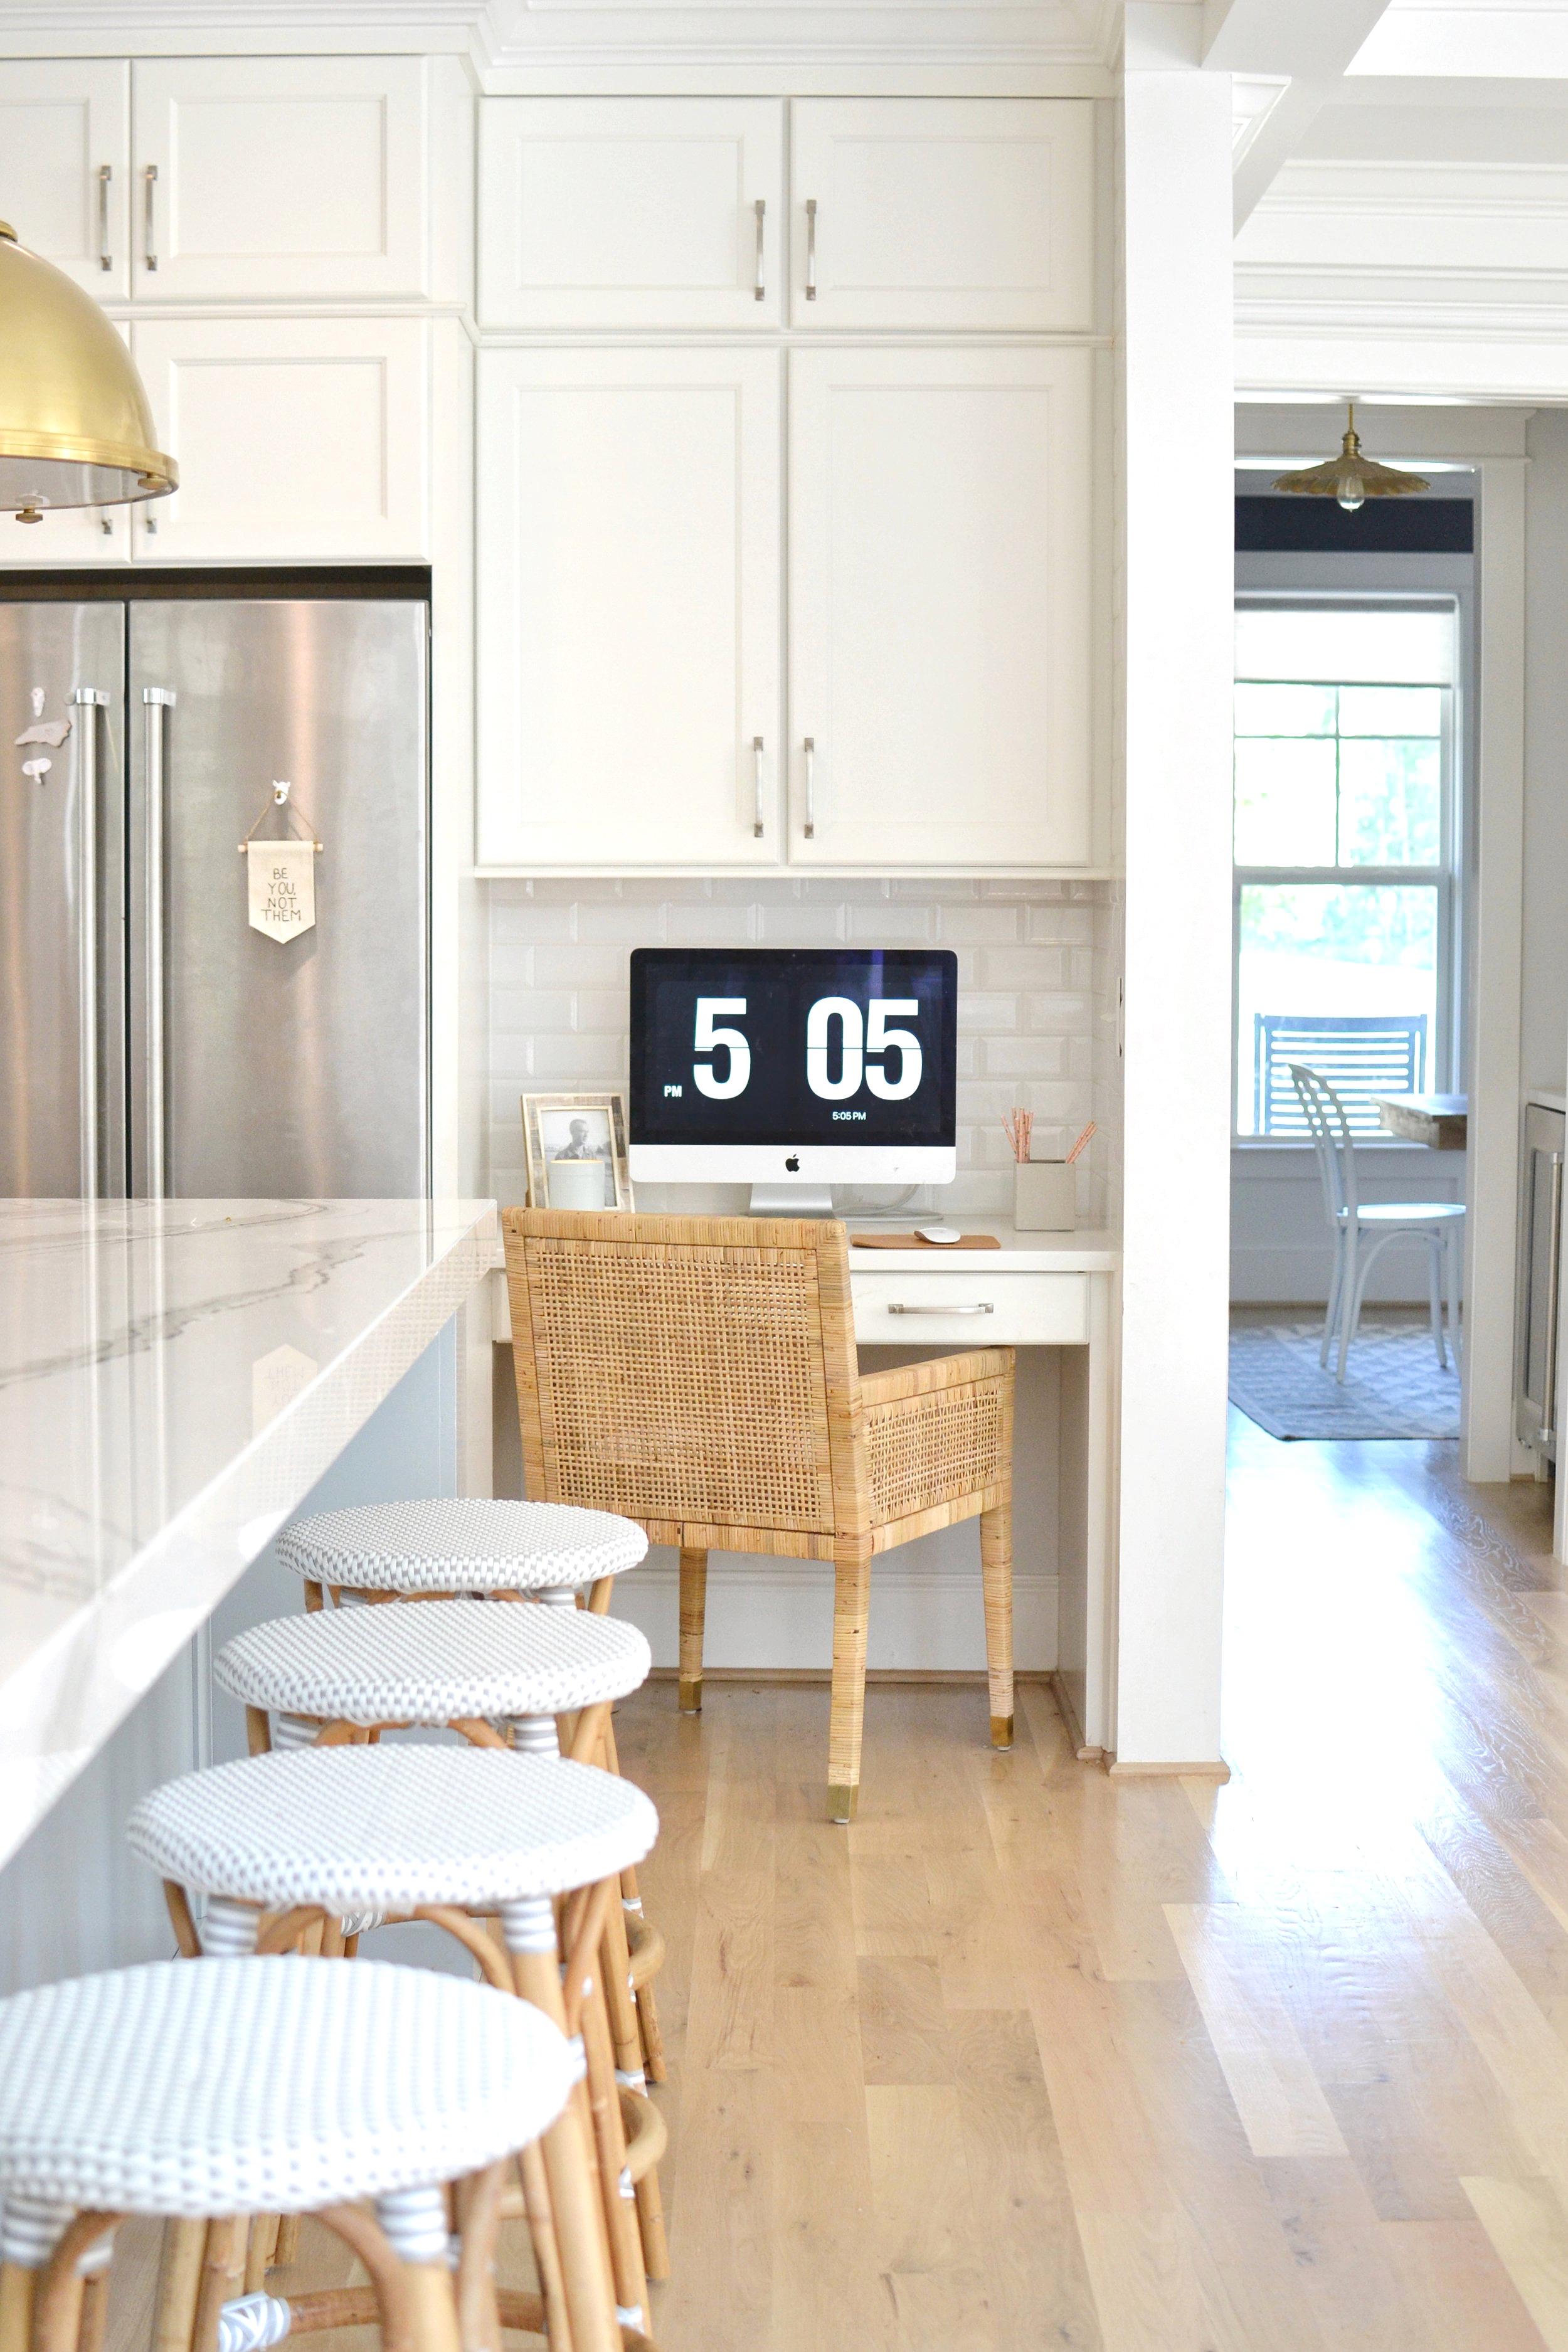 Our Coastal Kitchen Design: Home Tour!